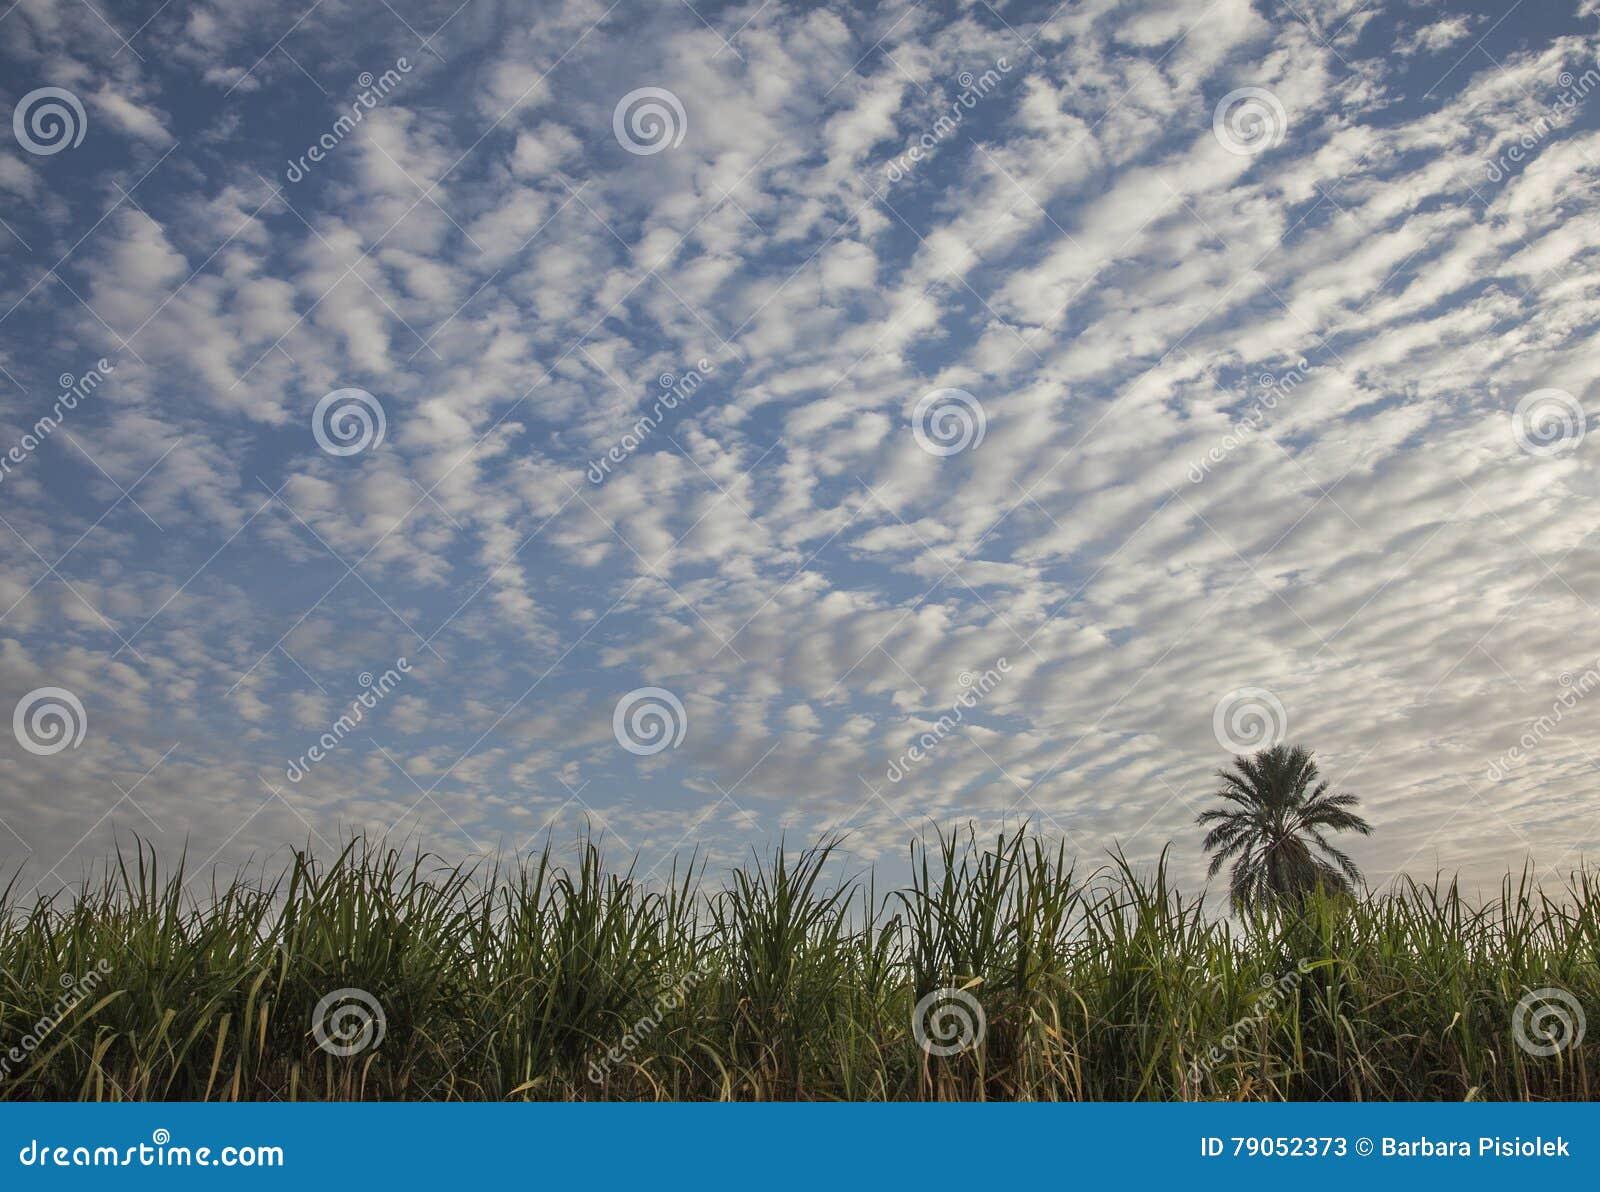 Банки облаков в небе